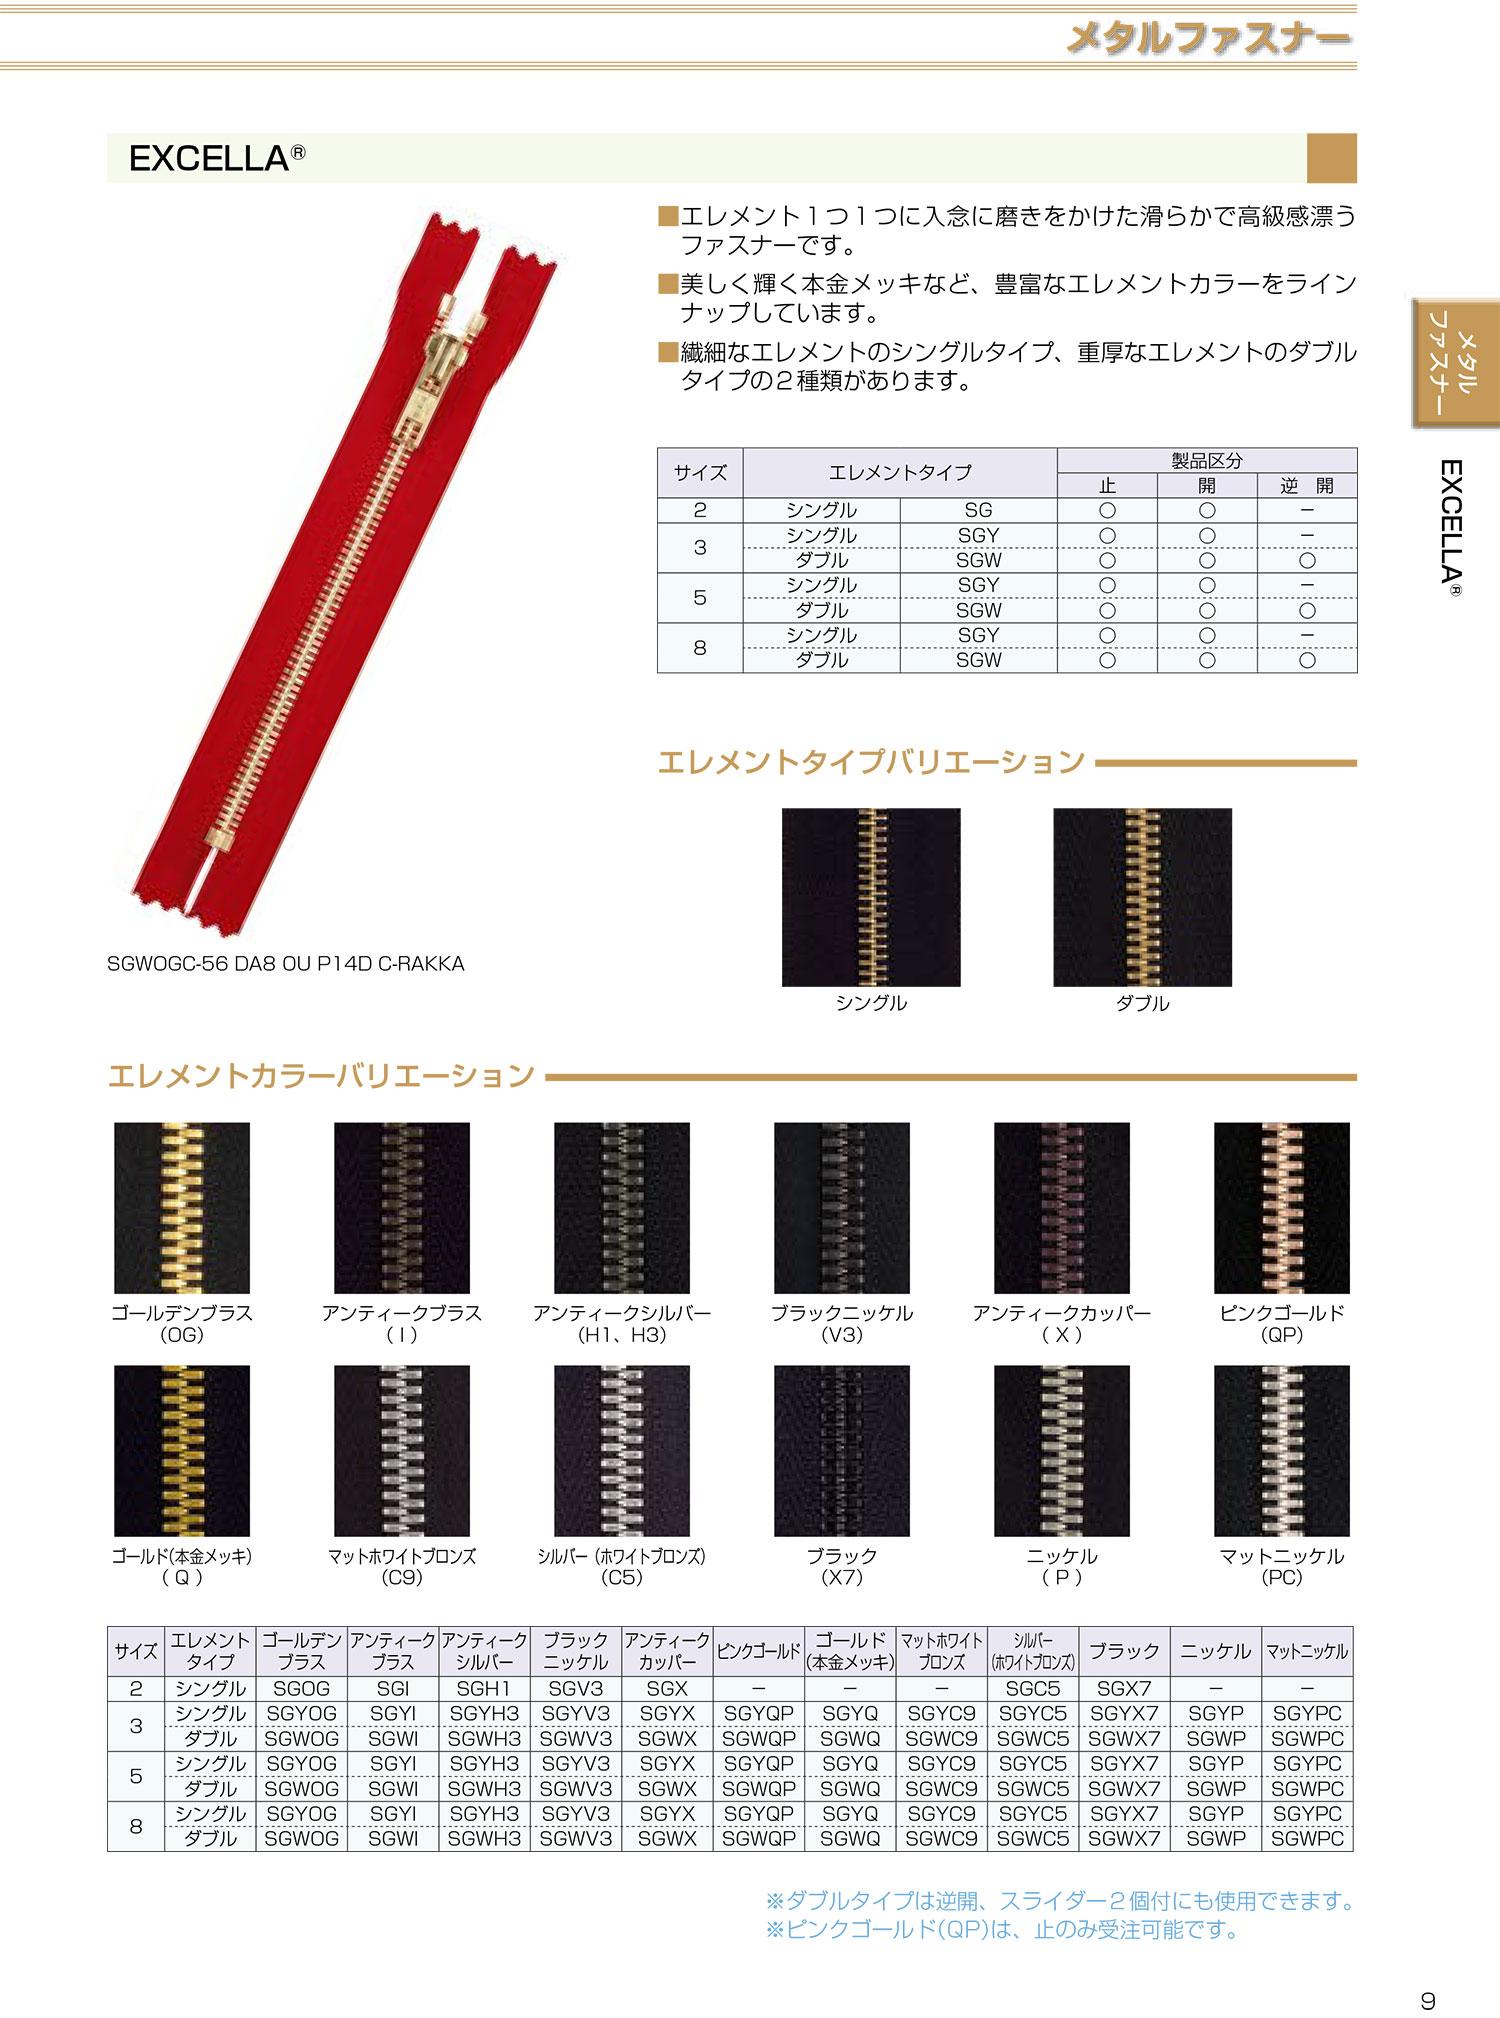 8SGYQPC エクセラ 8サイズ ピンクゴールド 止め シングル[ファスナー] YKK/オークラ商事 - ApparelX アパレル資材卸通販